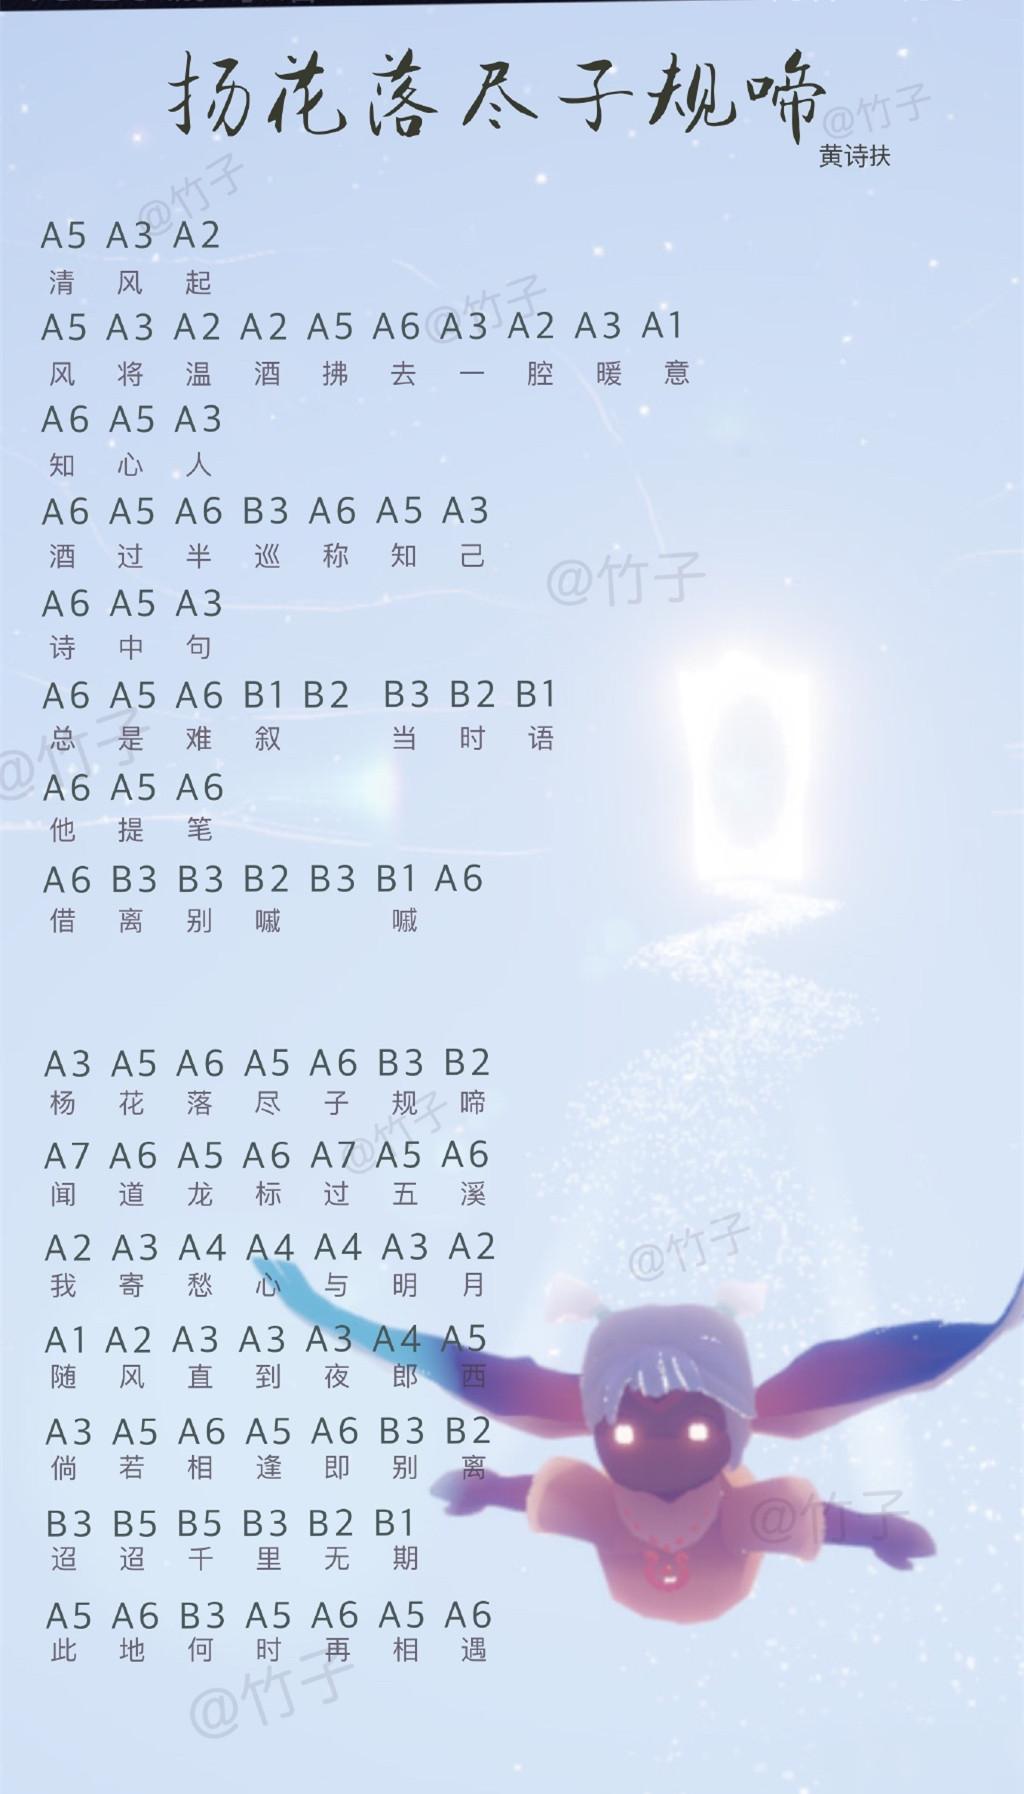 苍月啼简谱_苍月啼的数字简谱